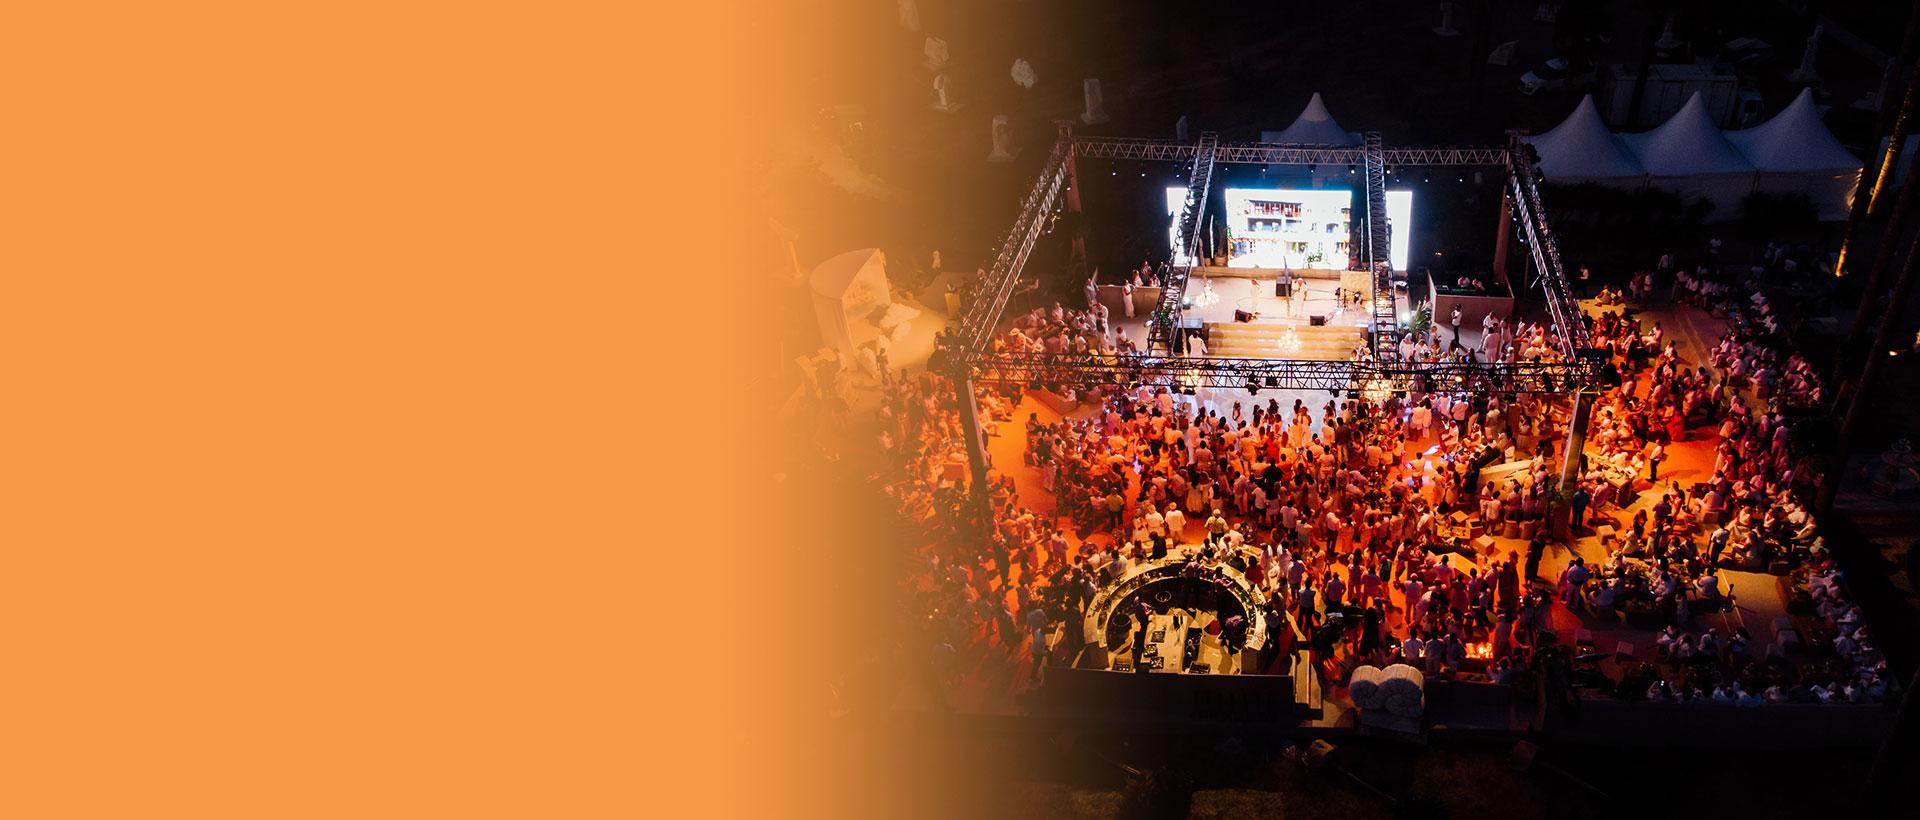 Anthaven için görkemli kutlama: <br> CENNETE DAVET